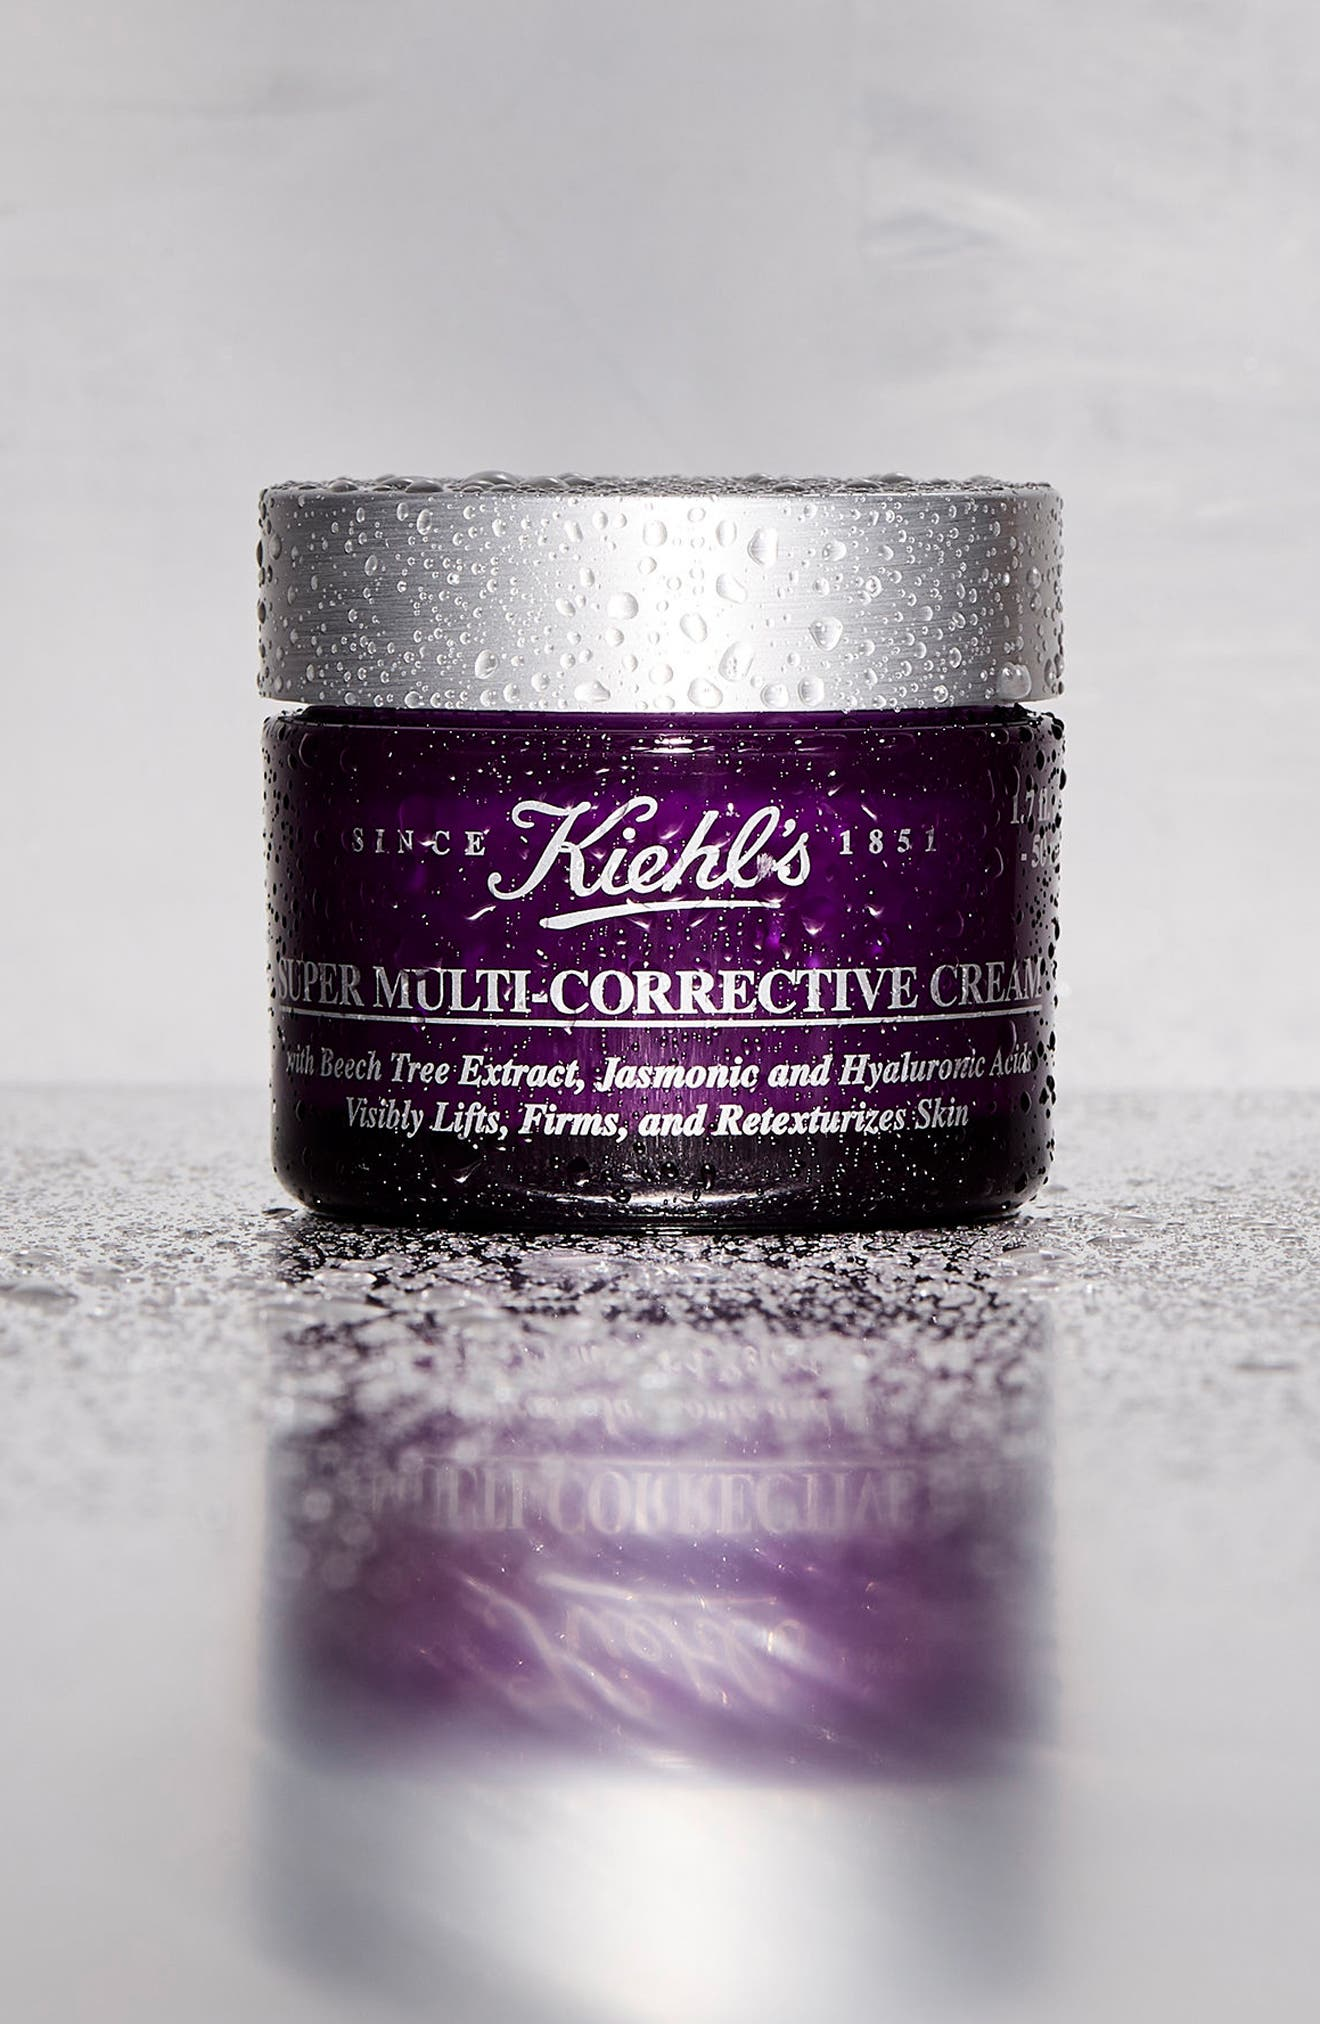 Super Multi-Corrective Cream,                             Alternate thumbnail 8, color,                             NO COLOR